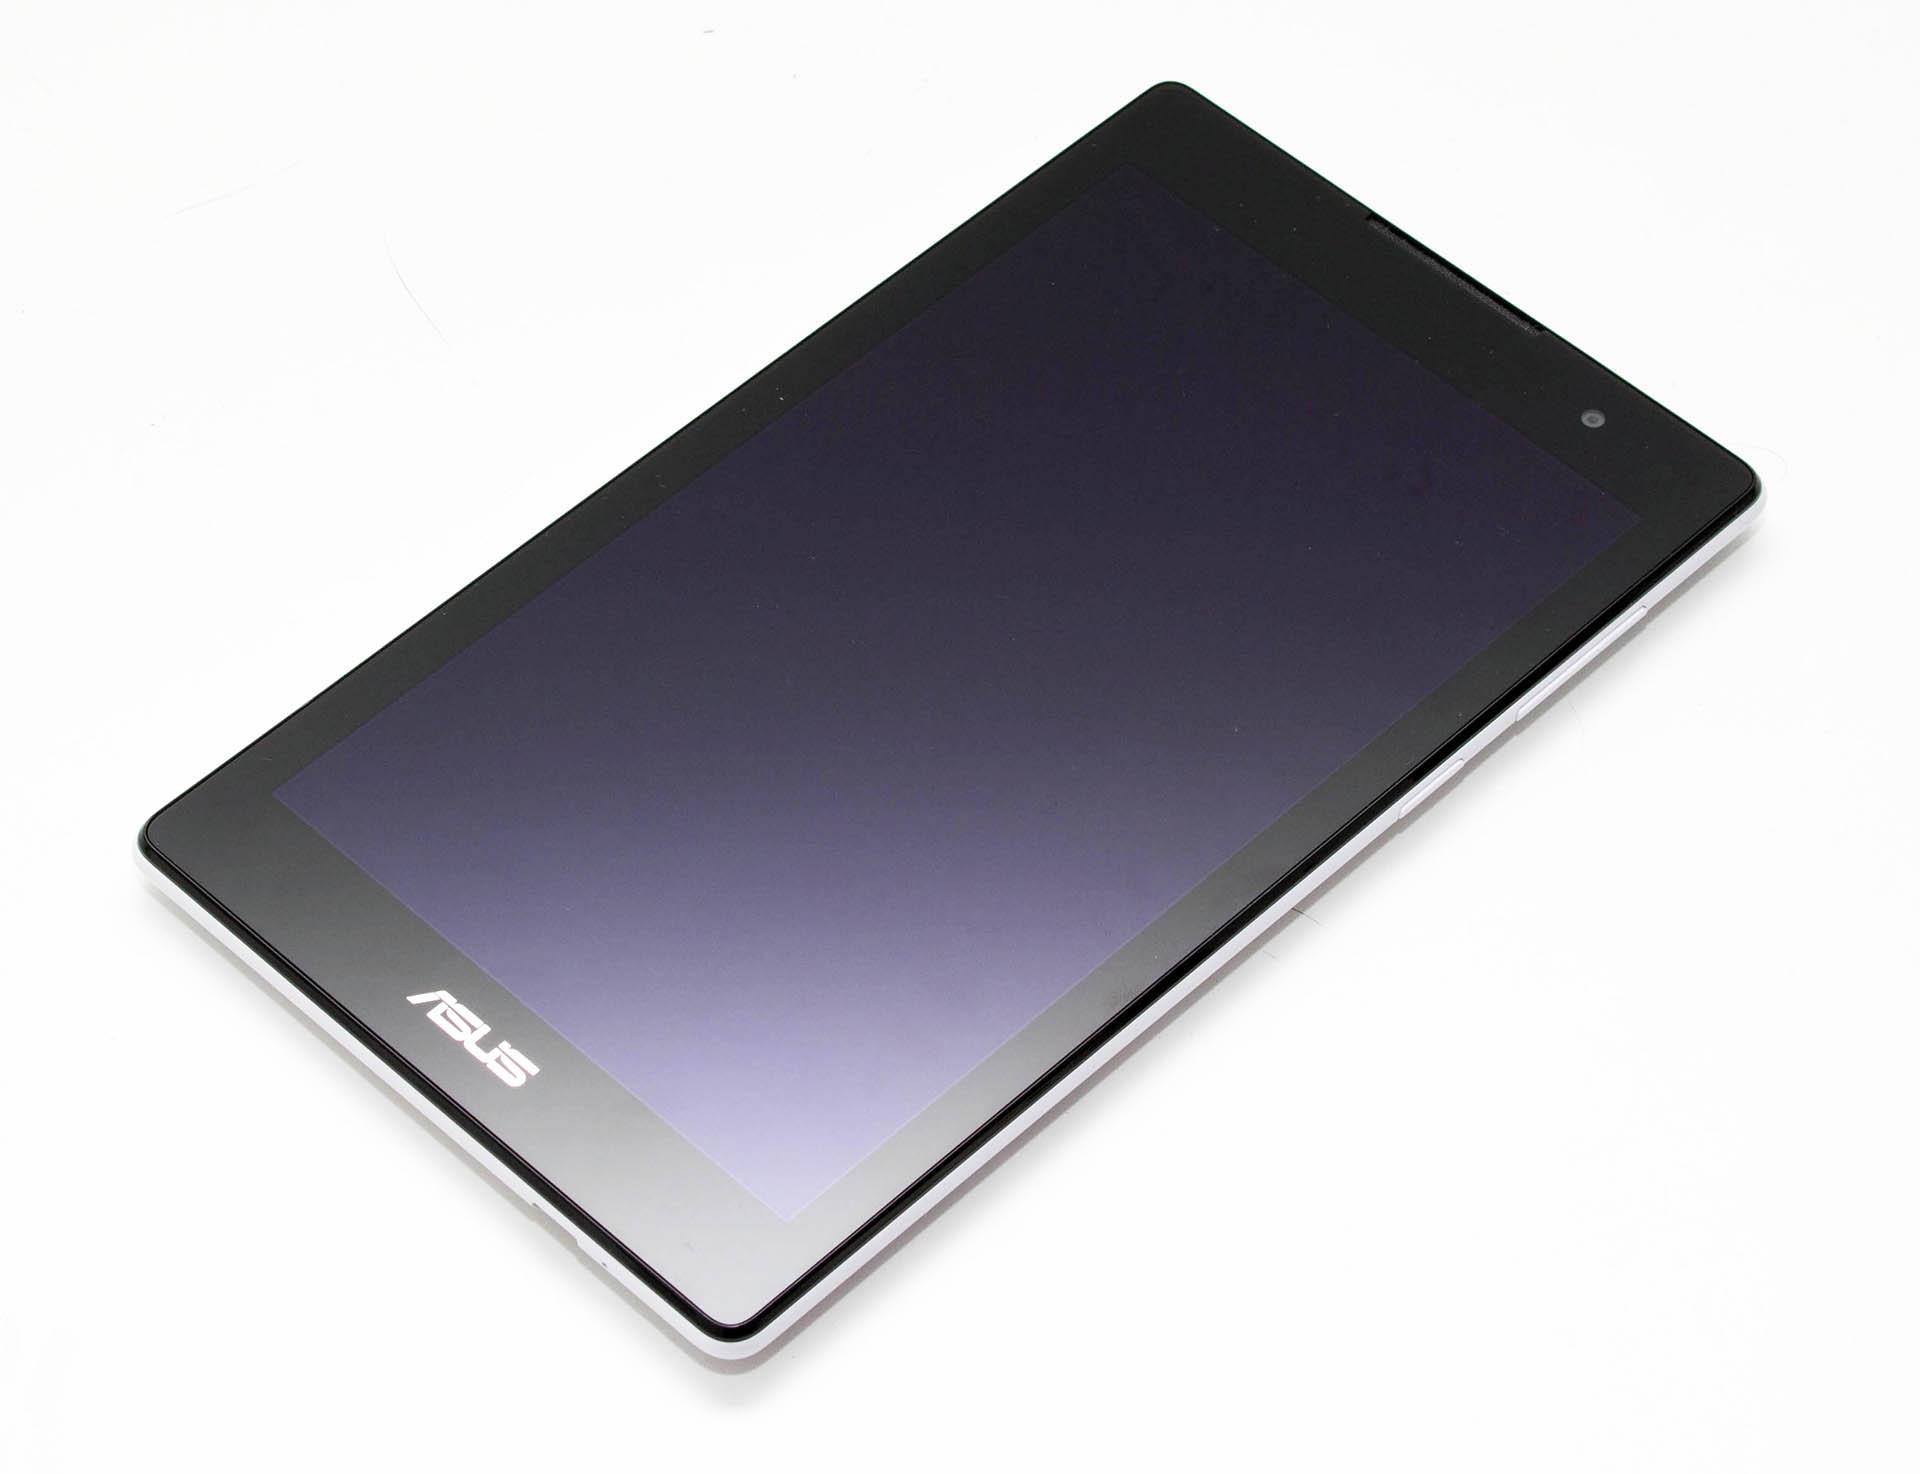 ASUS ZenPad C 7.0 test